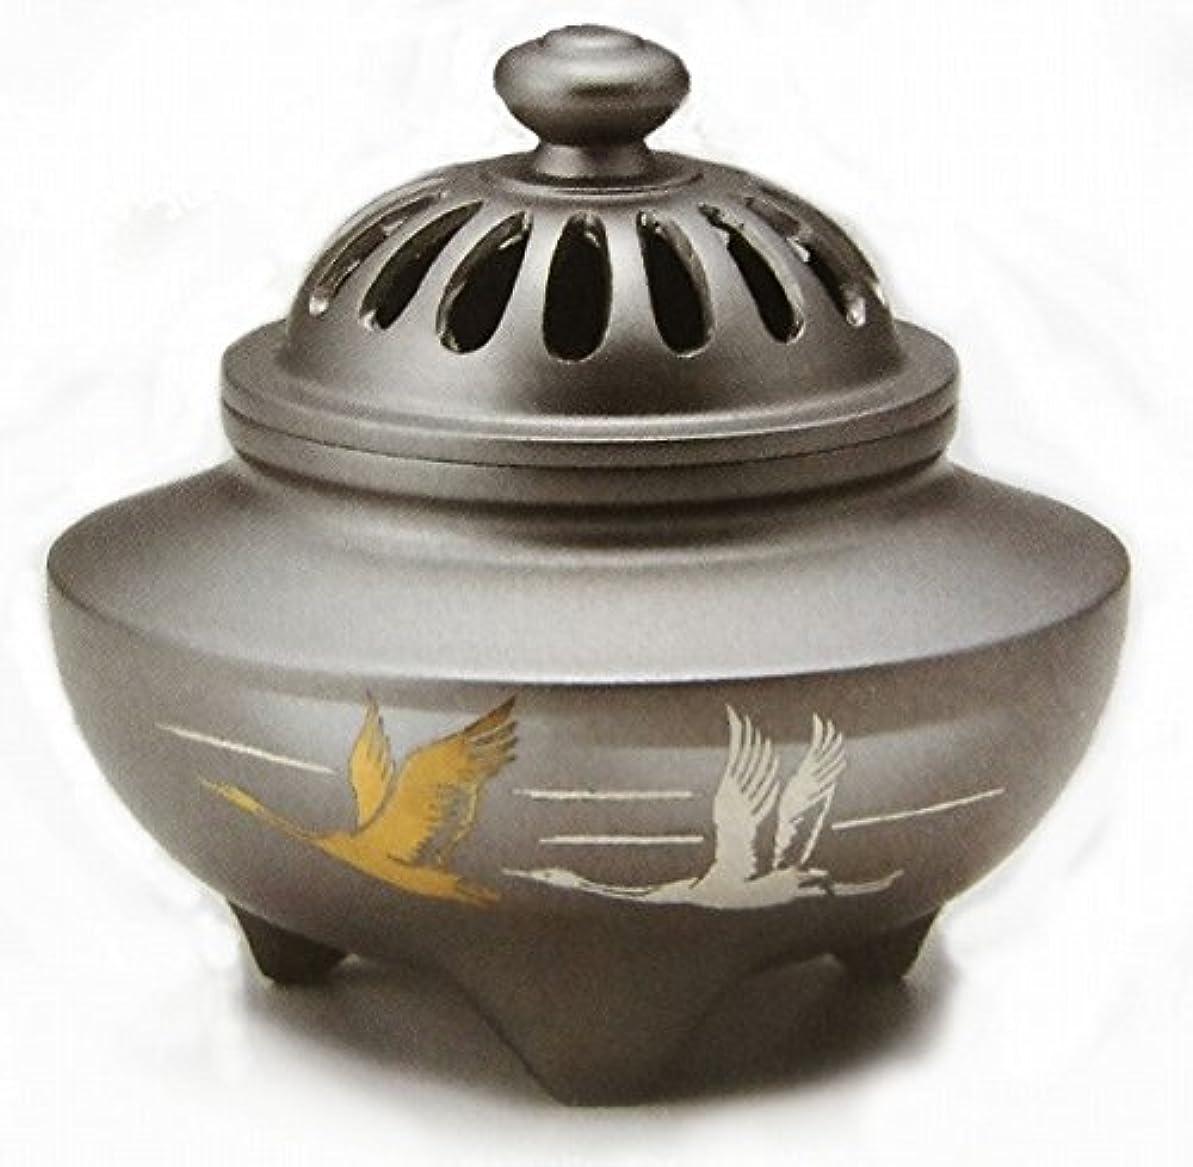 第二に備品作成者『玉利久双鶴香炉』銅製